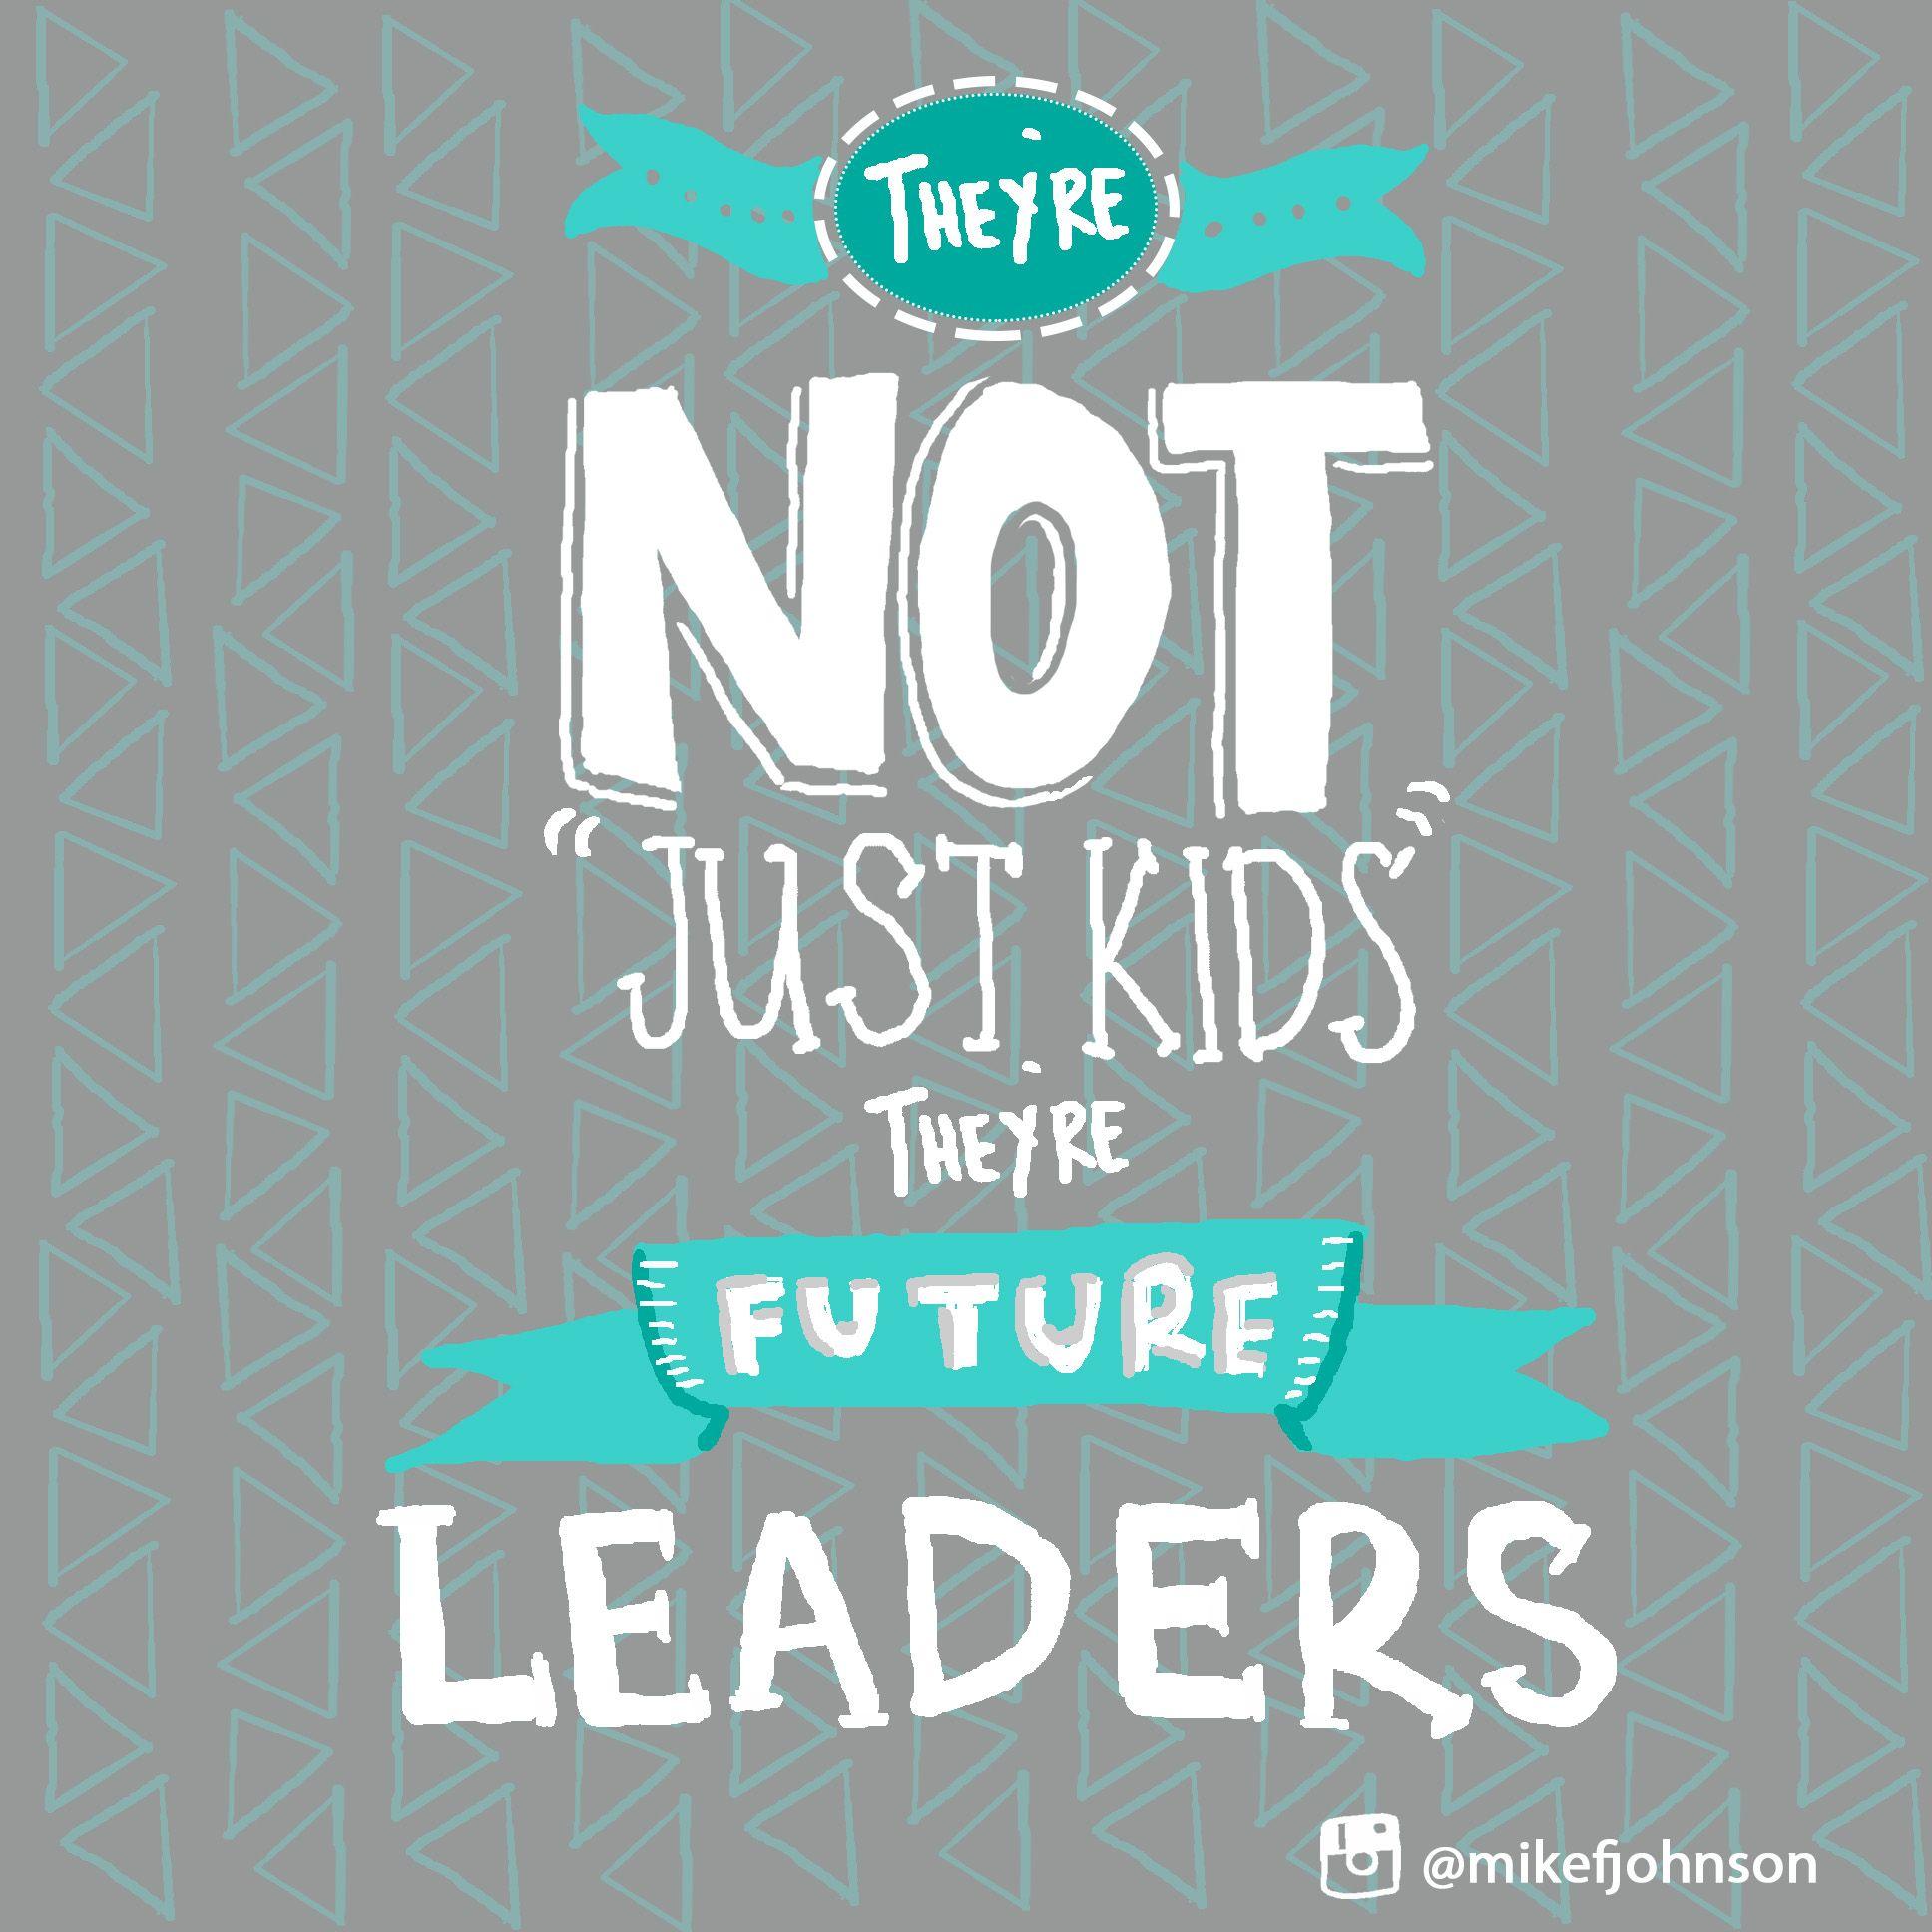 Shirt quotes design quotesgram - Ministry Leadership Quotes Quotesgram